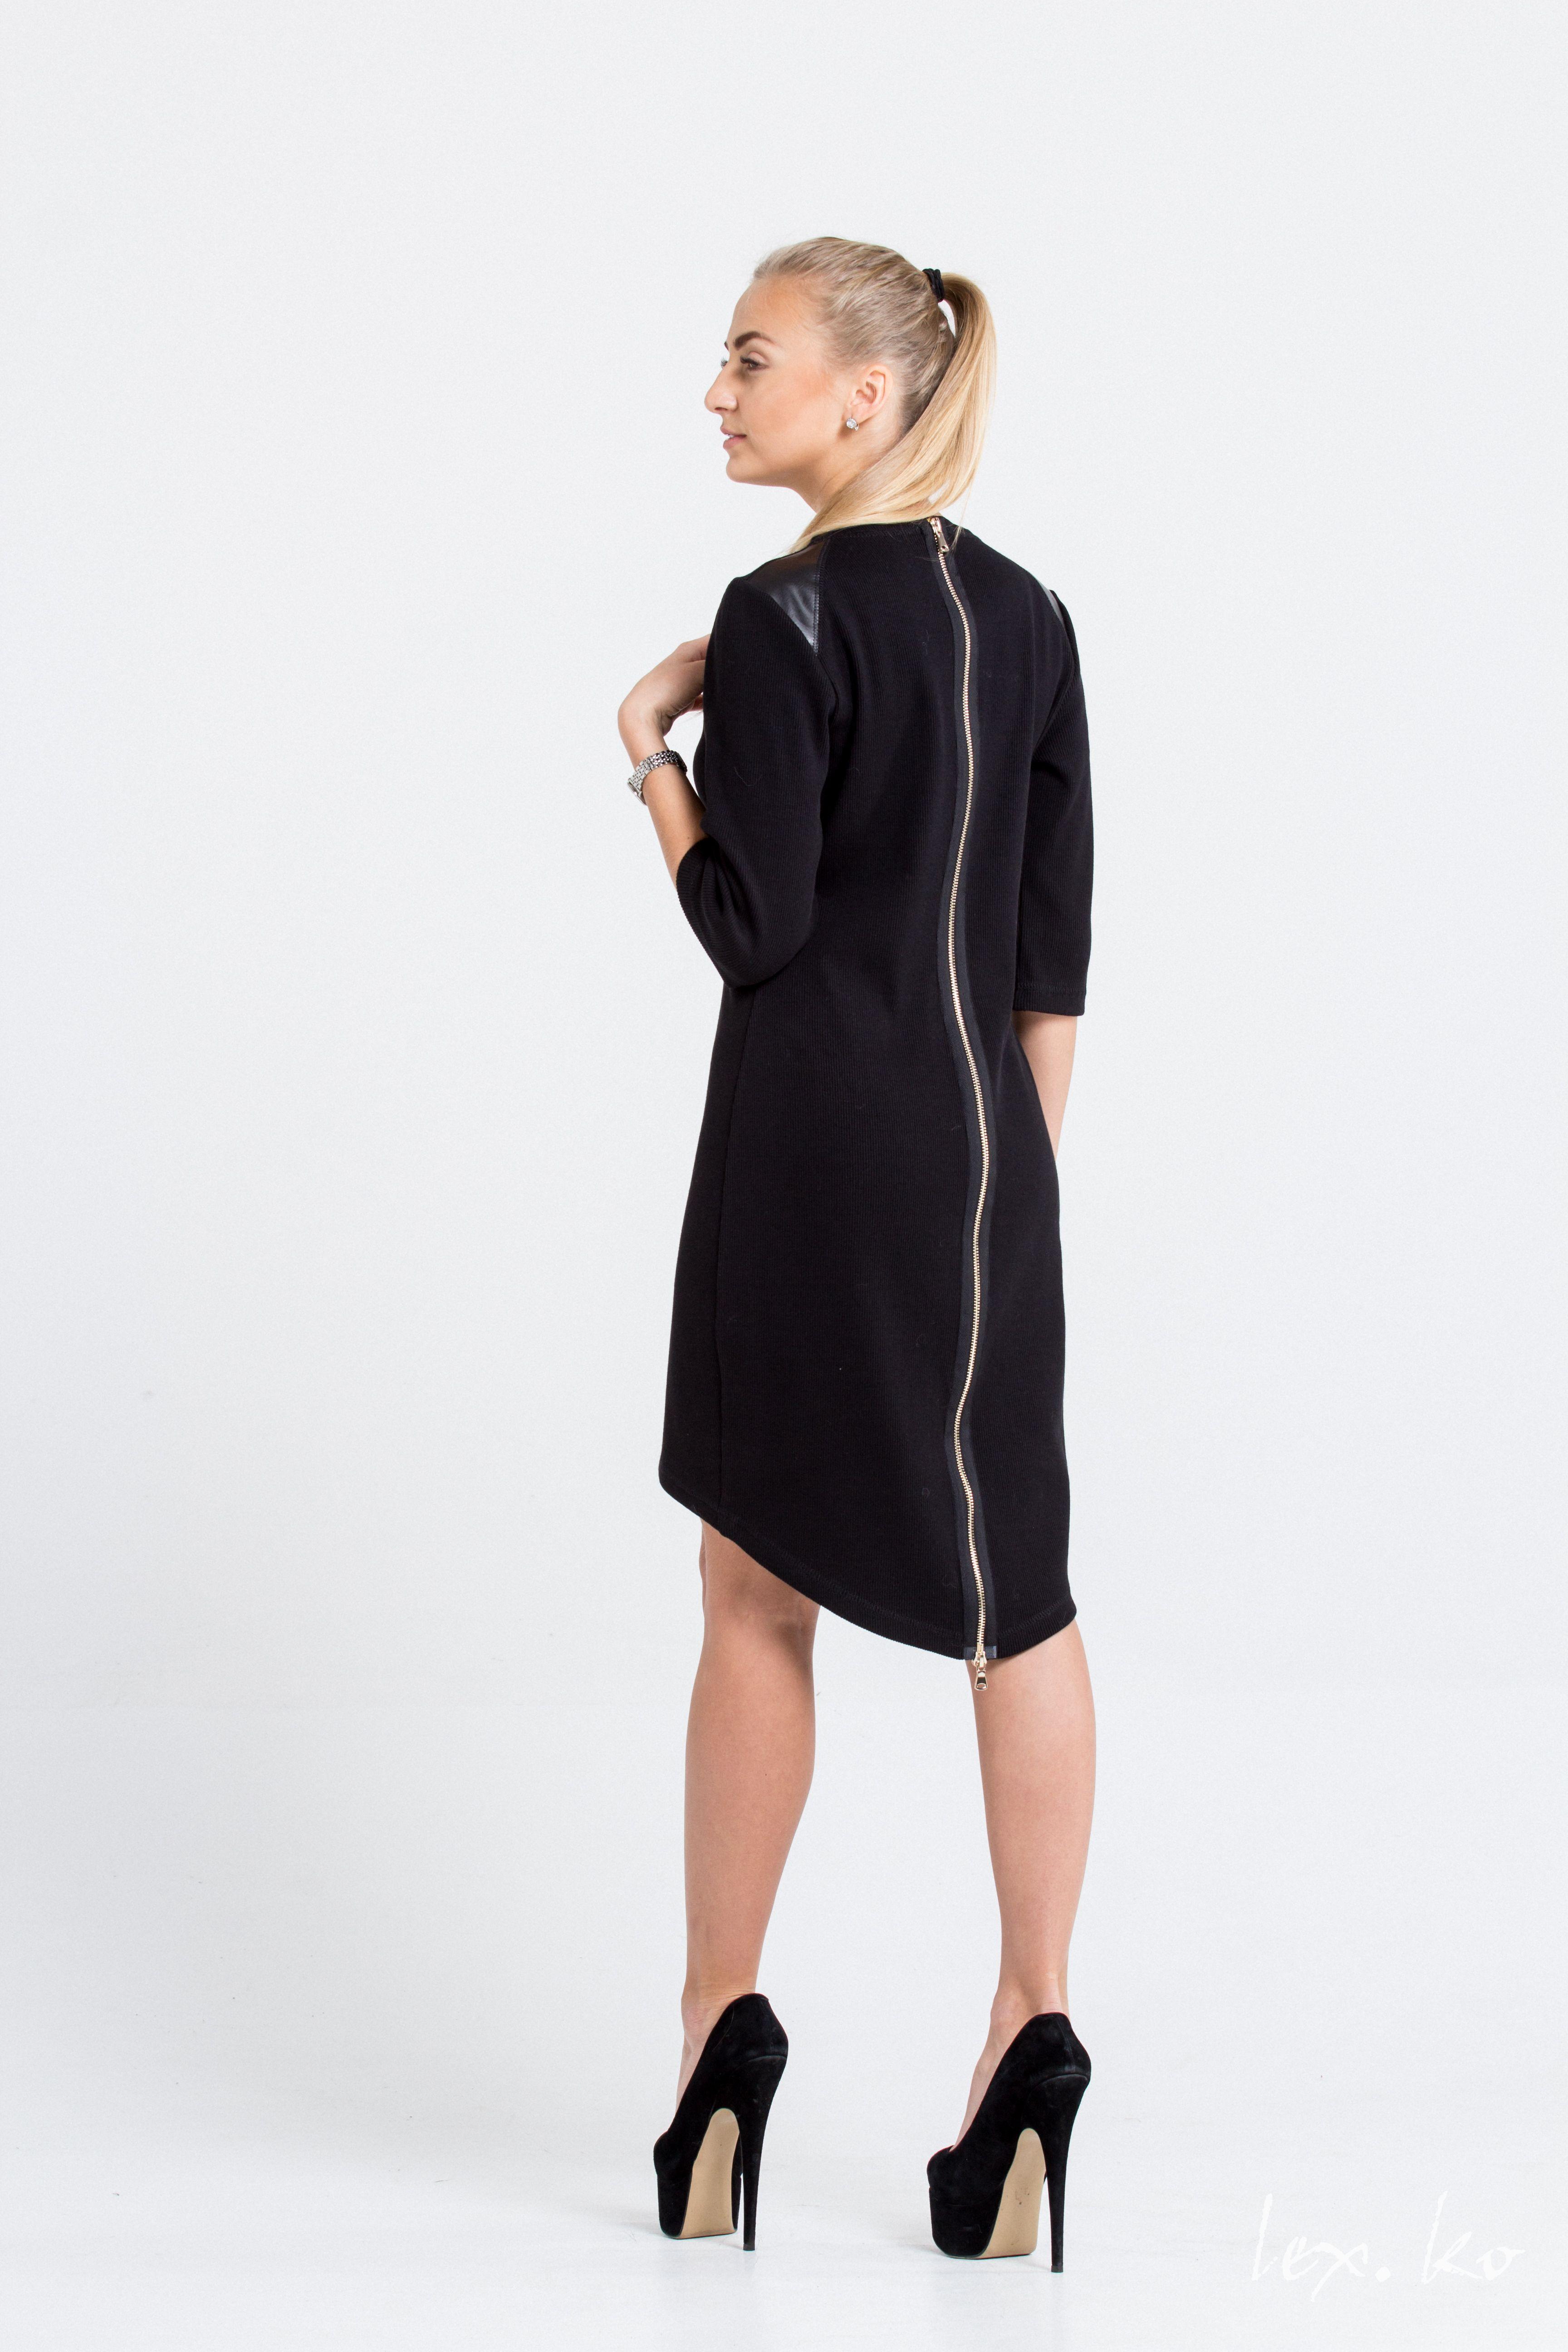 90d555c8b2e Шикарное платье для лучших женщин) Успей купить f-couture.net ...